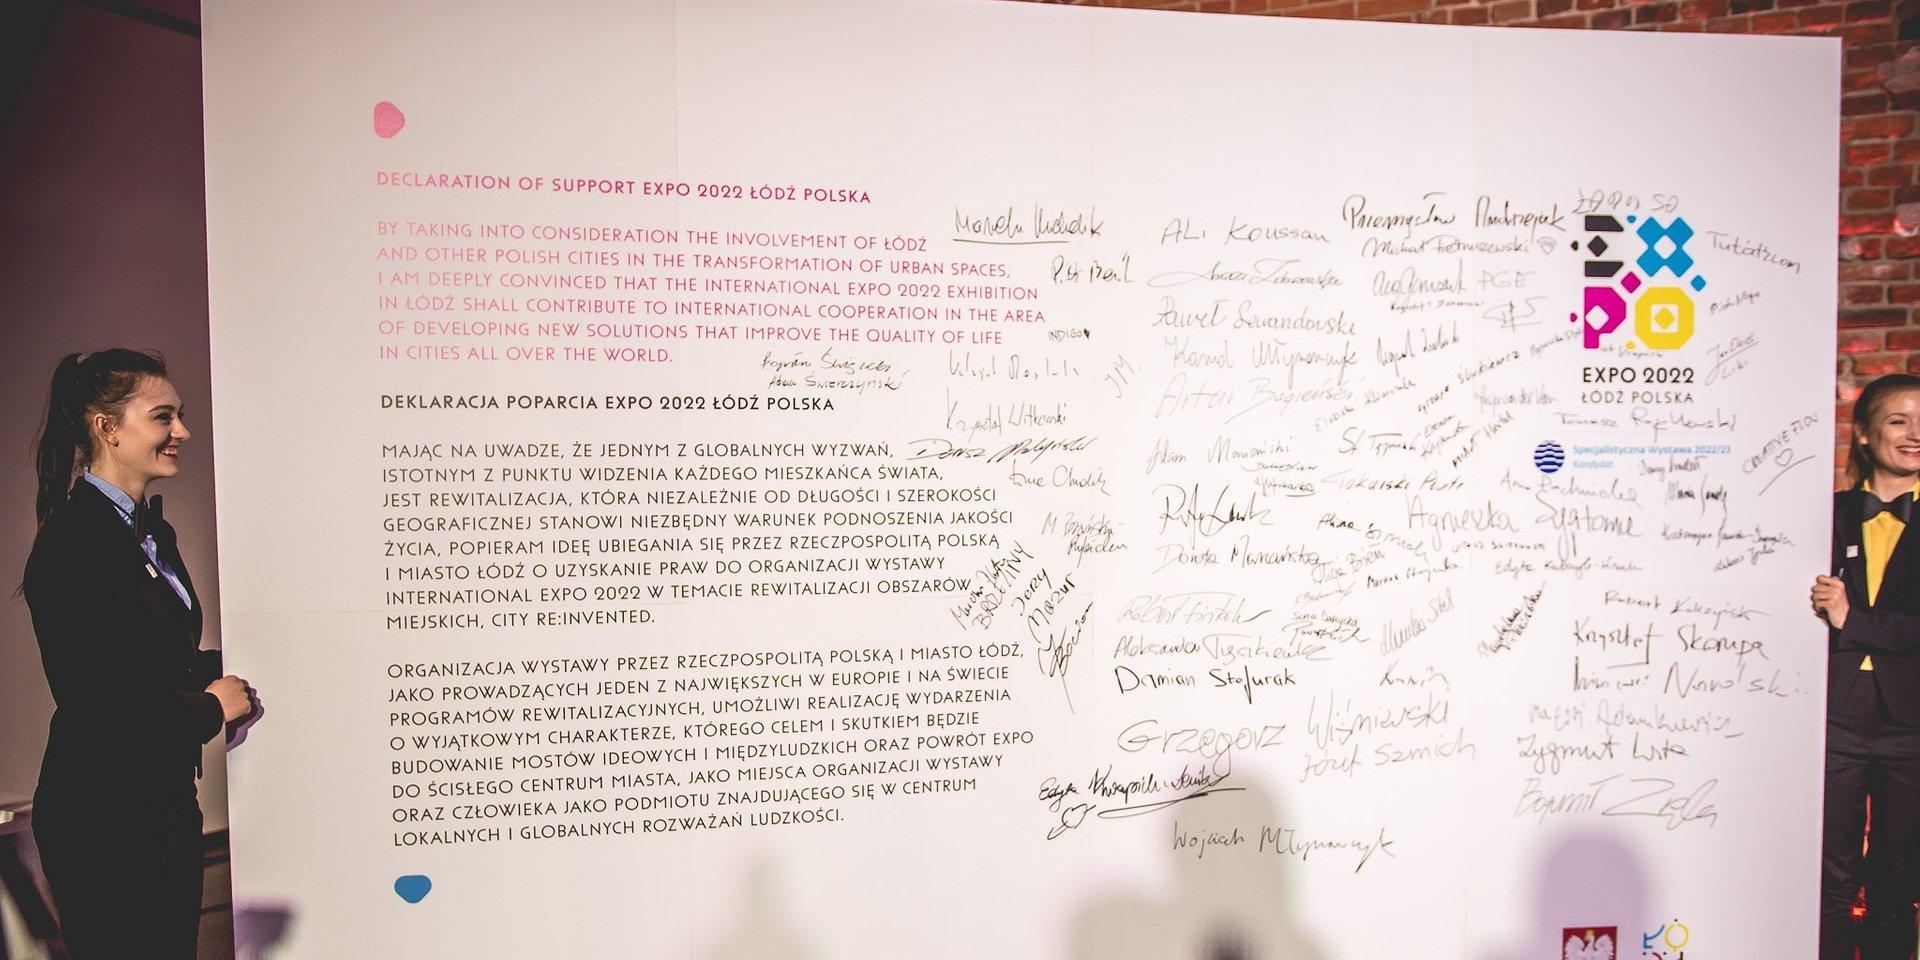 Ceramika Paradyż podpisała deklarację poparcia dla organizacji wystawy EXPO 2022 w Łodzi